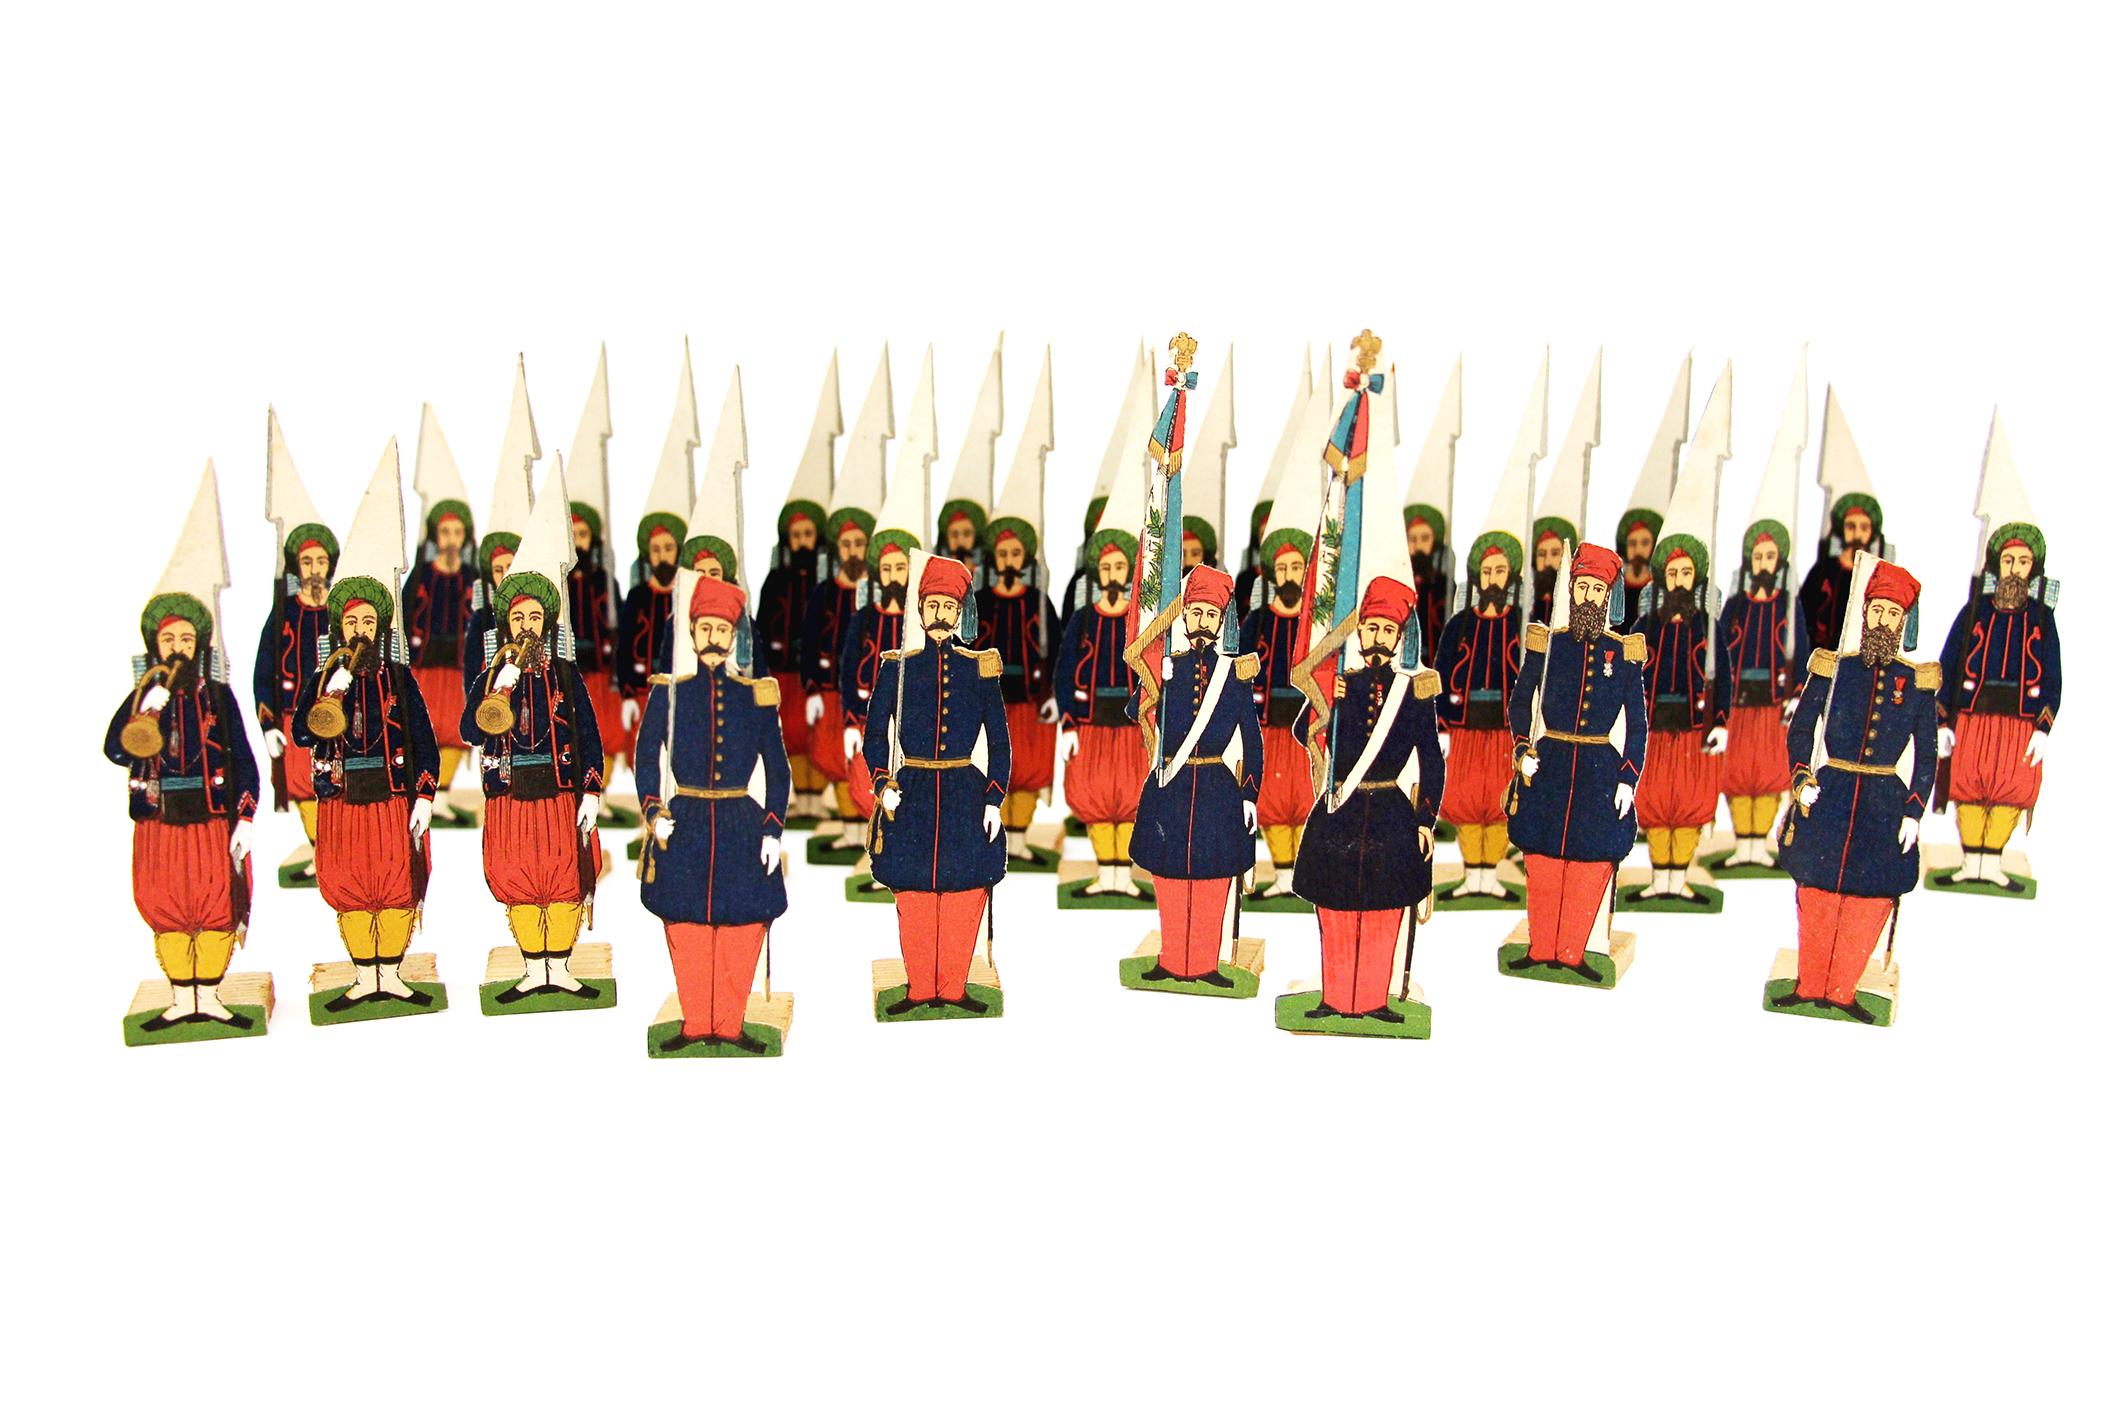 34 Petits Soldats de Strasbourg - Zouaves de Ligne 1845 - Planche Silbermann- Uniforme - Second Empire - Monarchie de Juillet